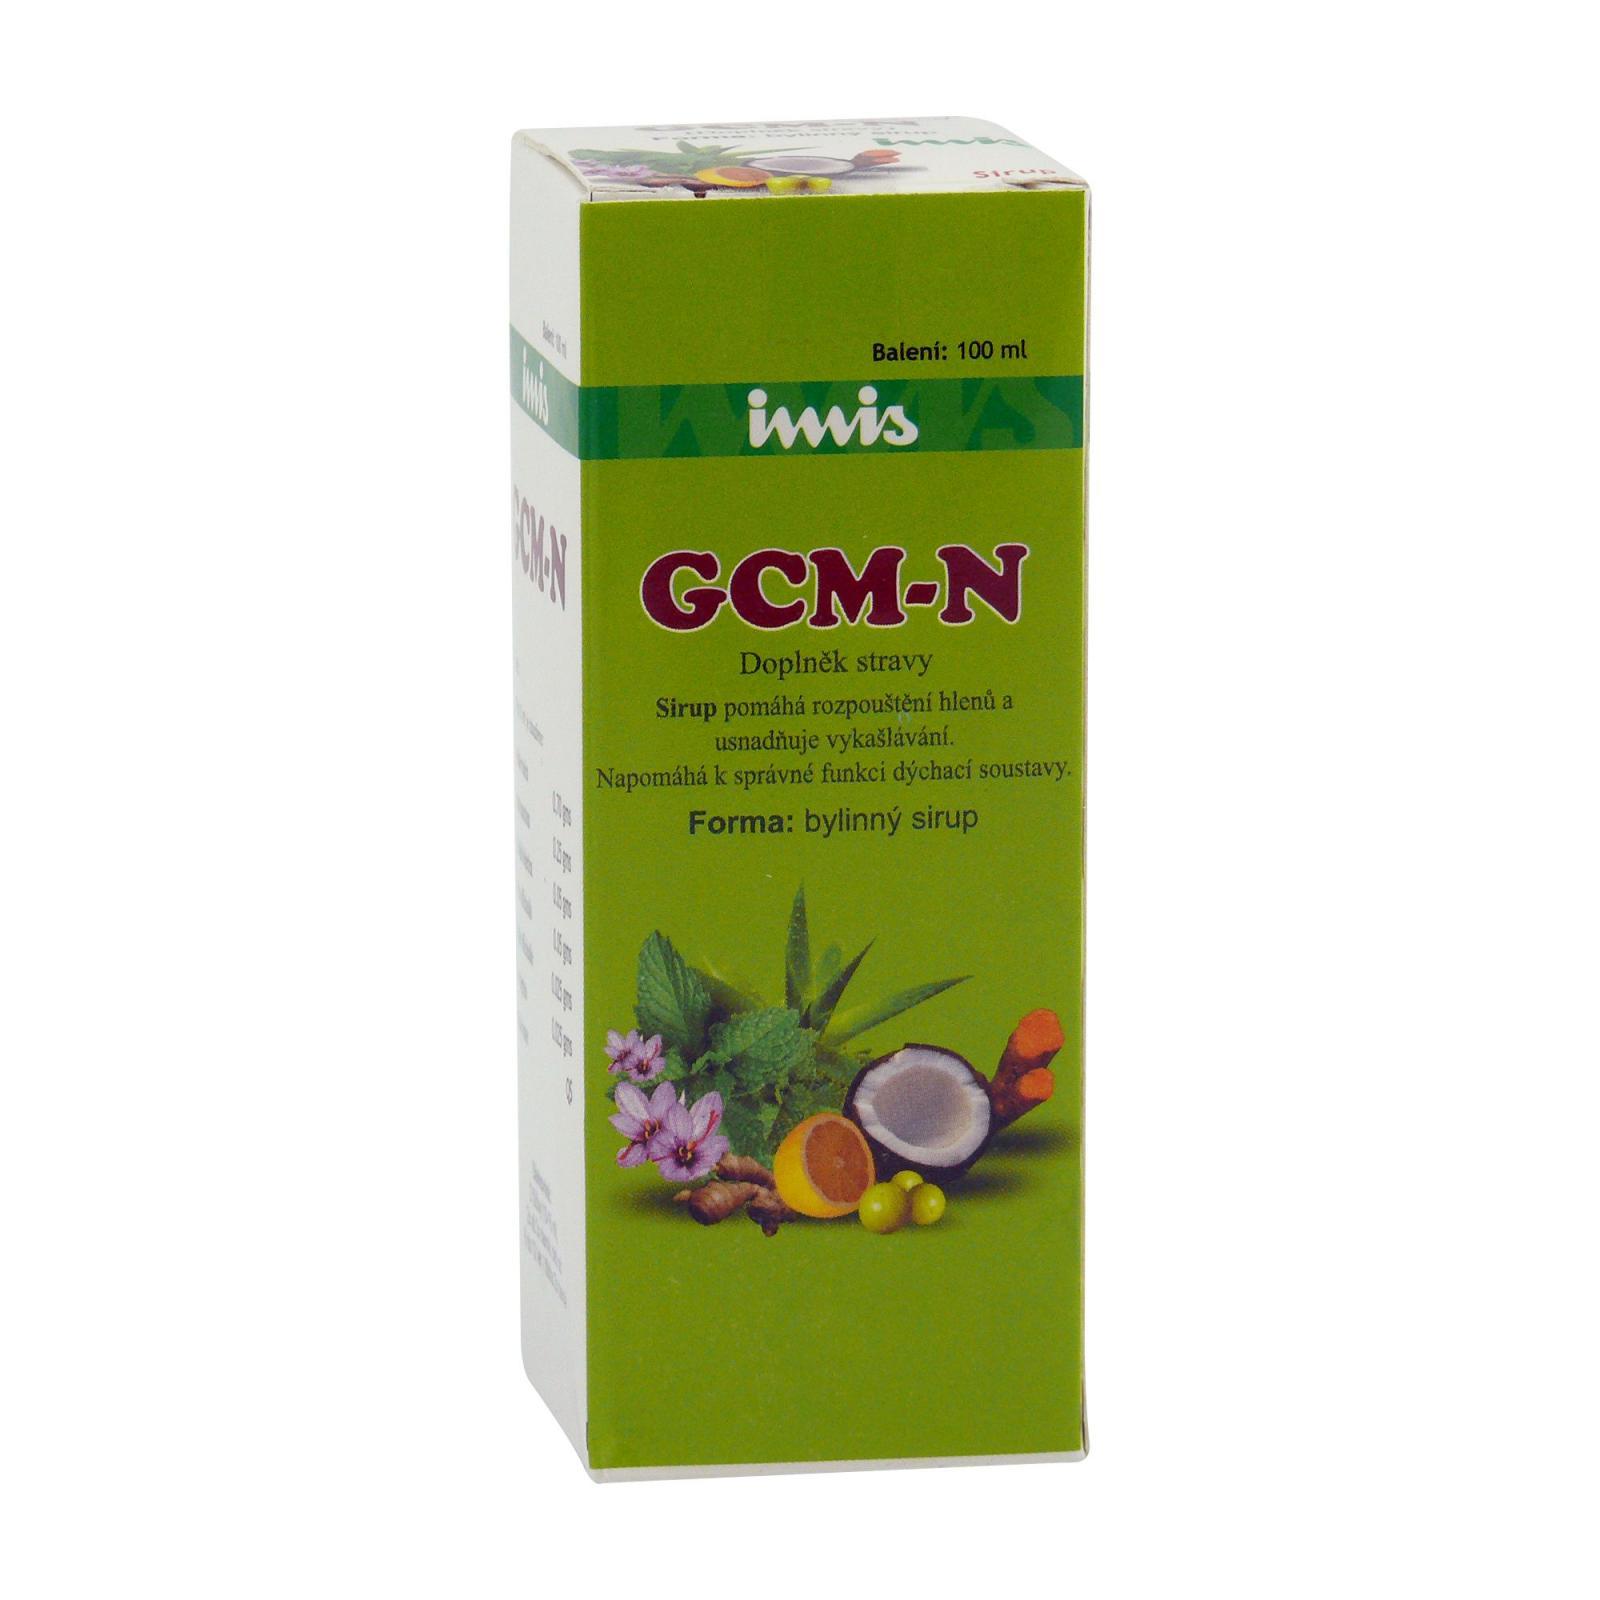 Ecce Vita GCM-N sirup na kašel, Imis 100 ml